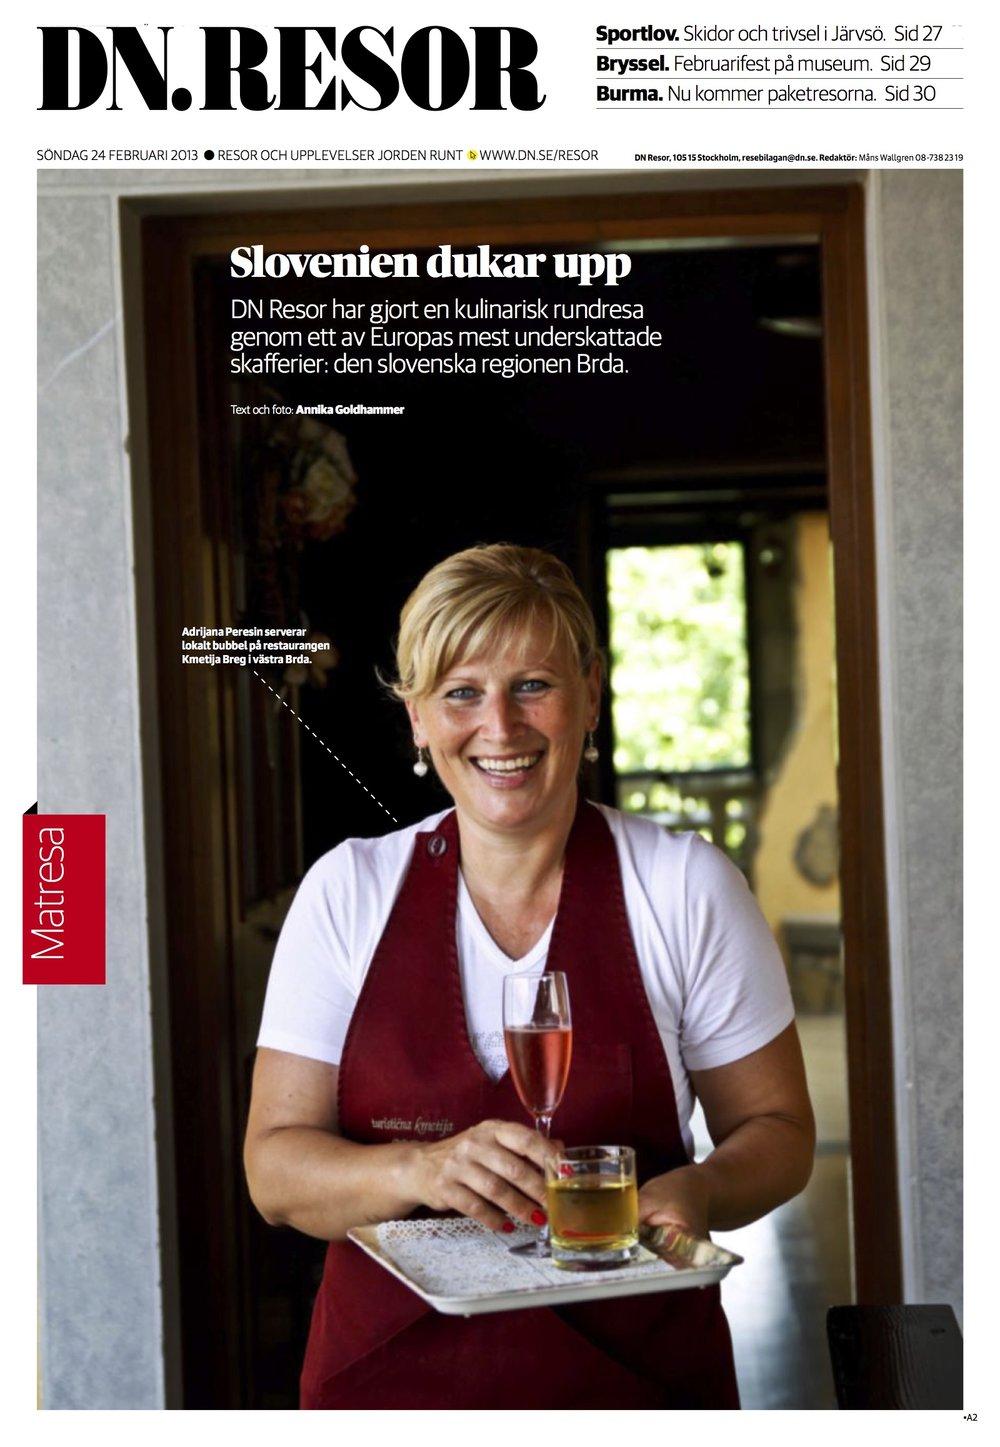 Slovenien – Dagens Nyheter